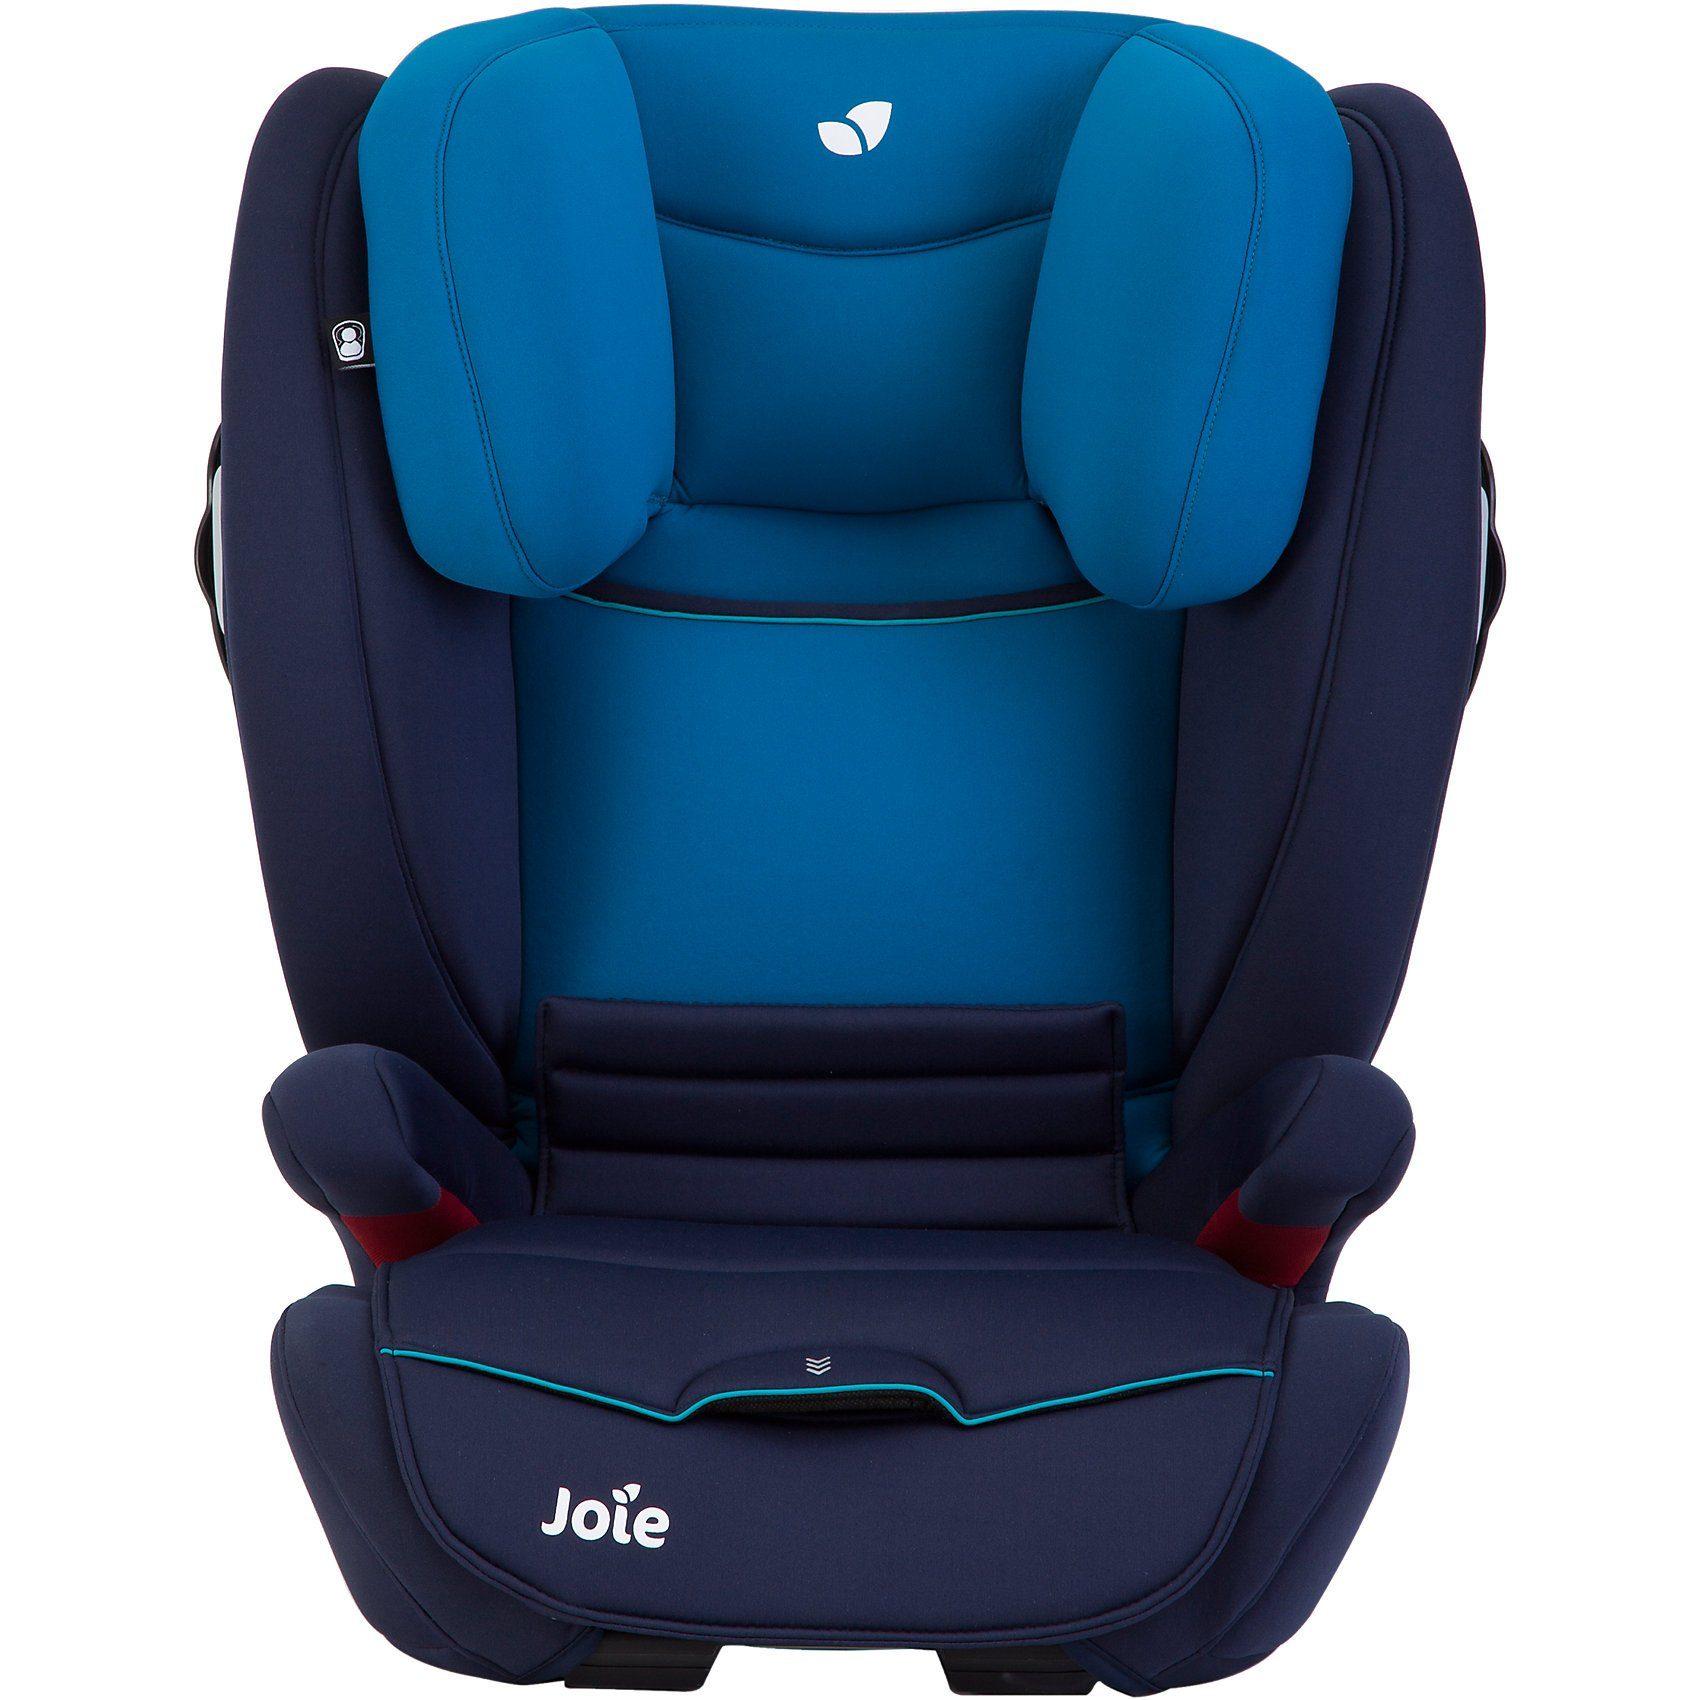 Joie Auto-Kindersitz Duallo, Caribbean